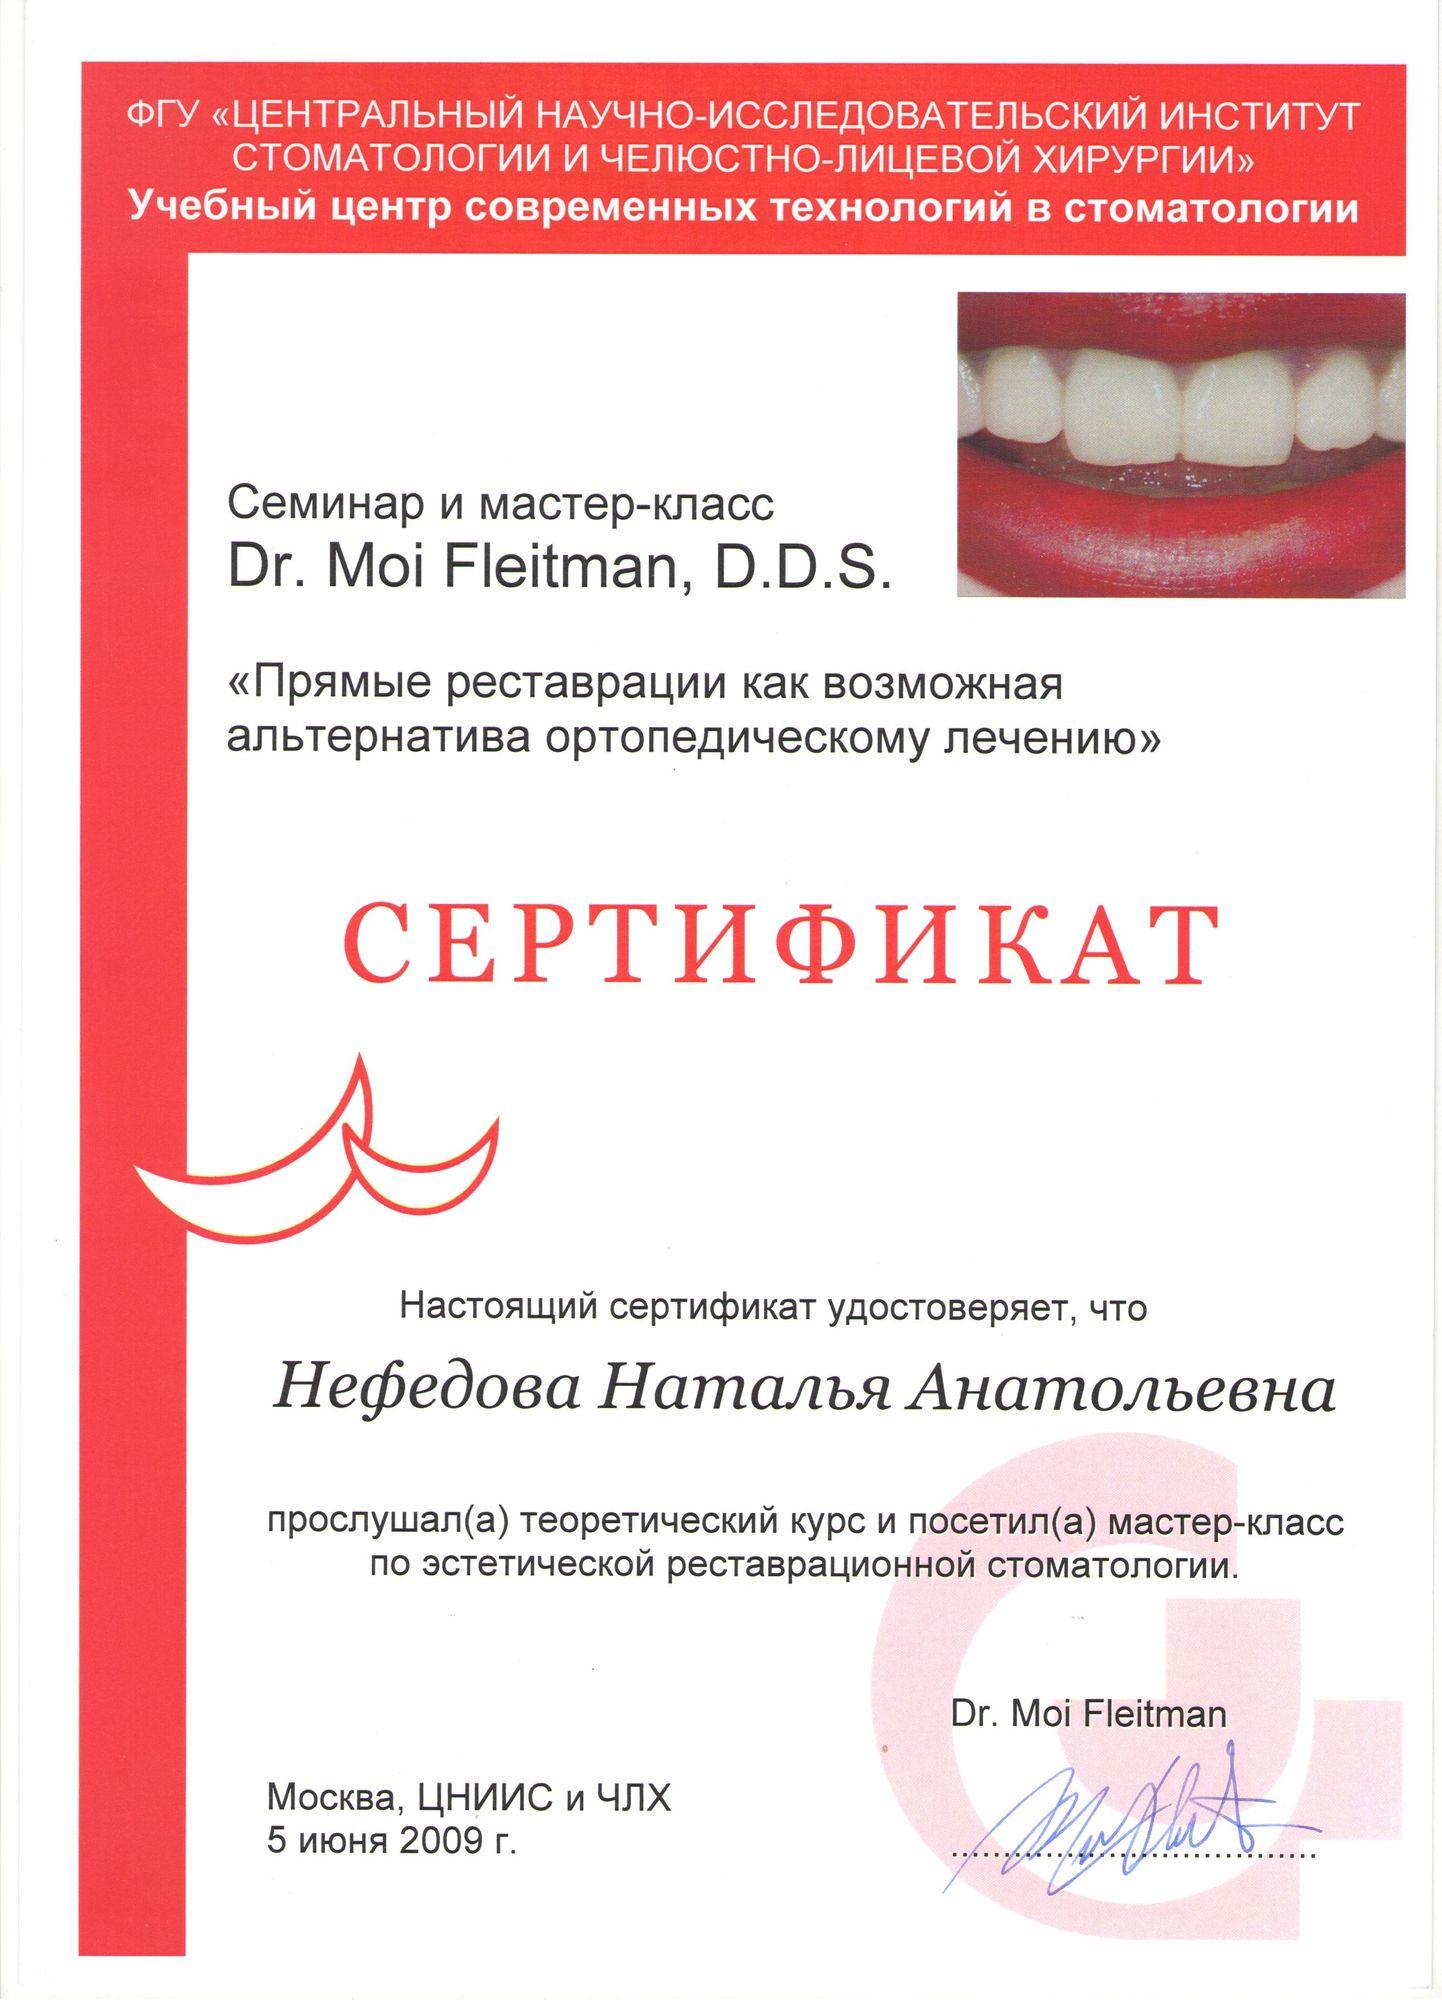 Нефедова_сертификаты_24